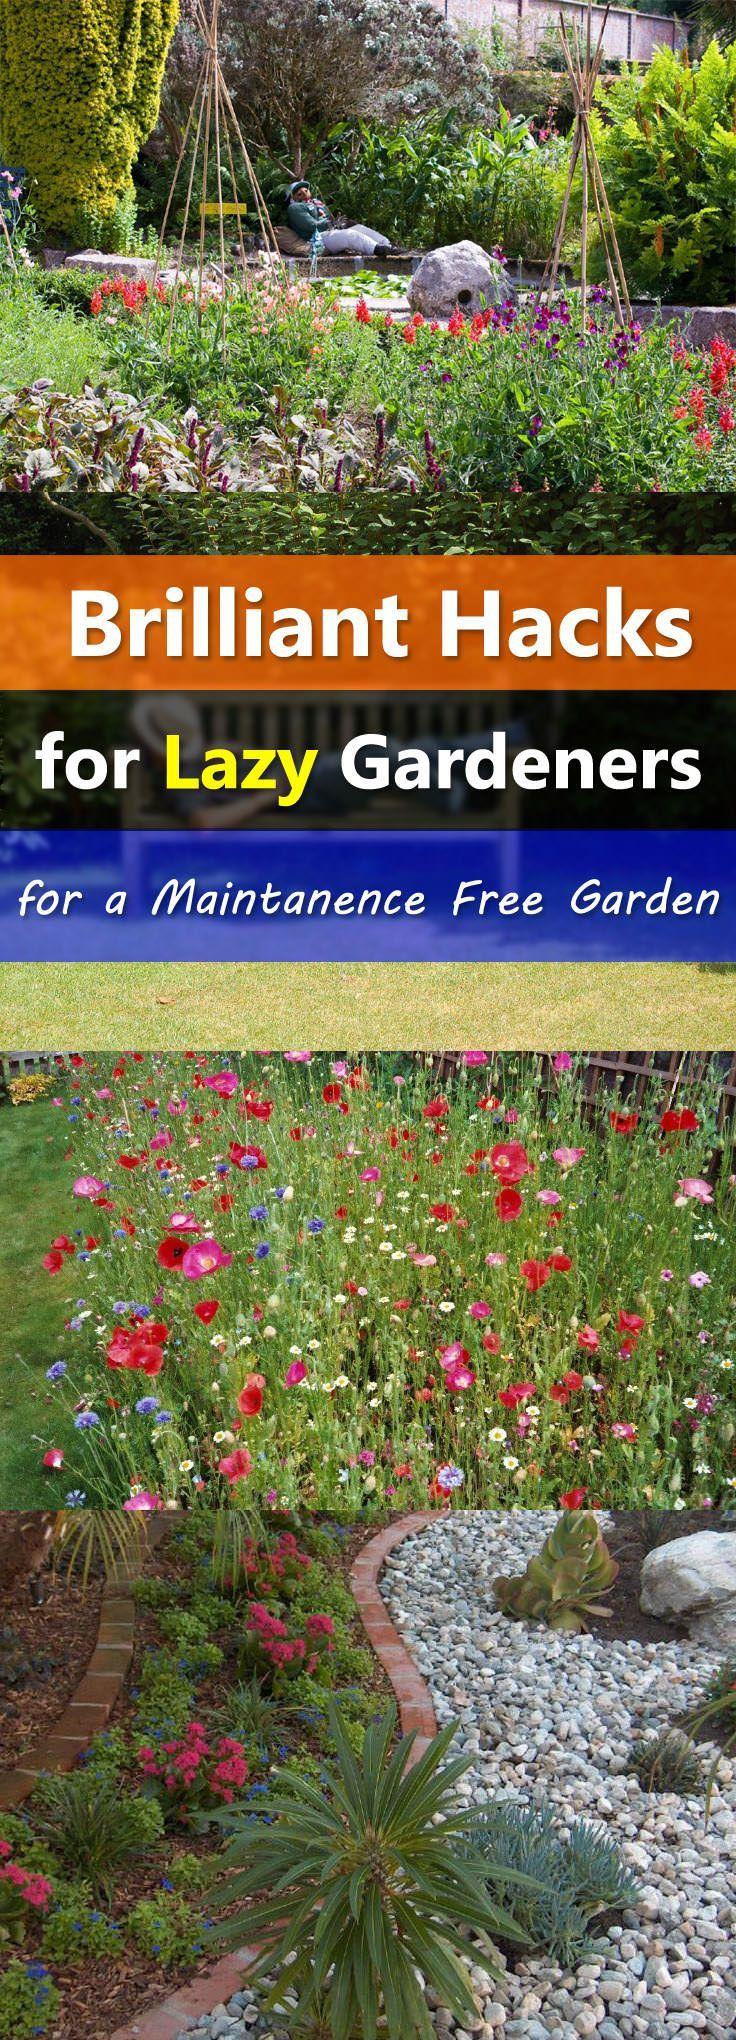 Gartenhacks für faule Gärtner, um einen pflegeleichten Garten zu schaffen #landscapingtips